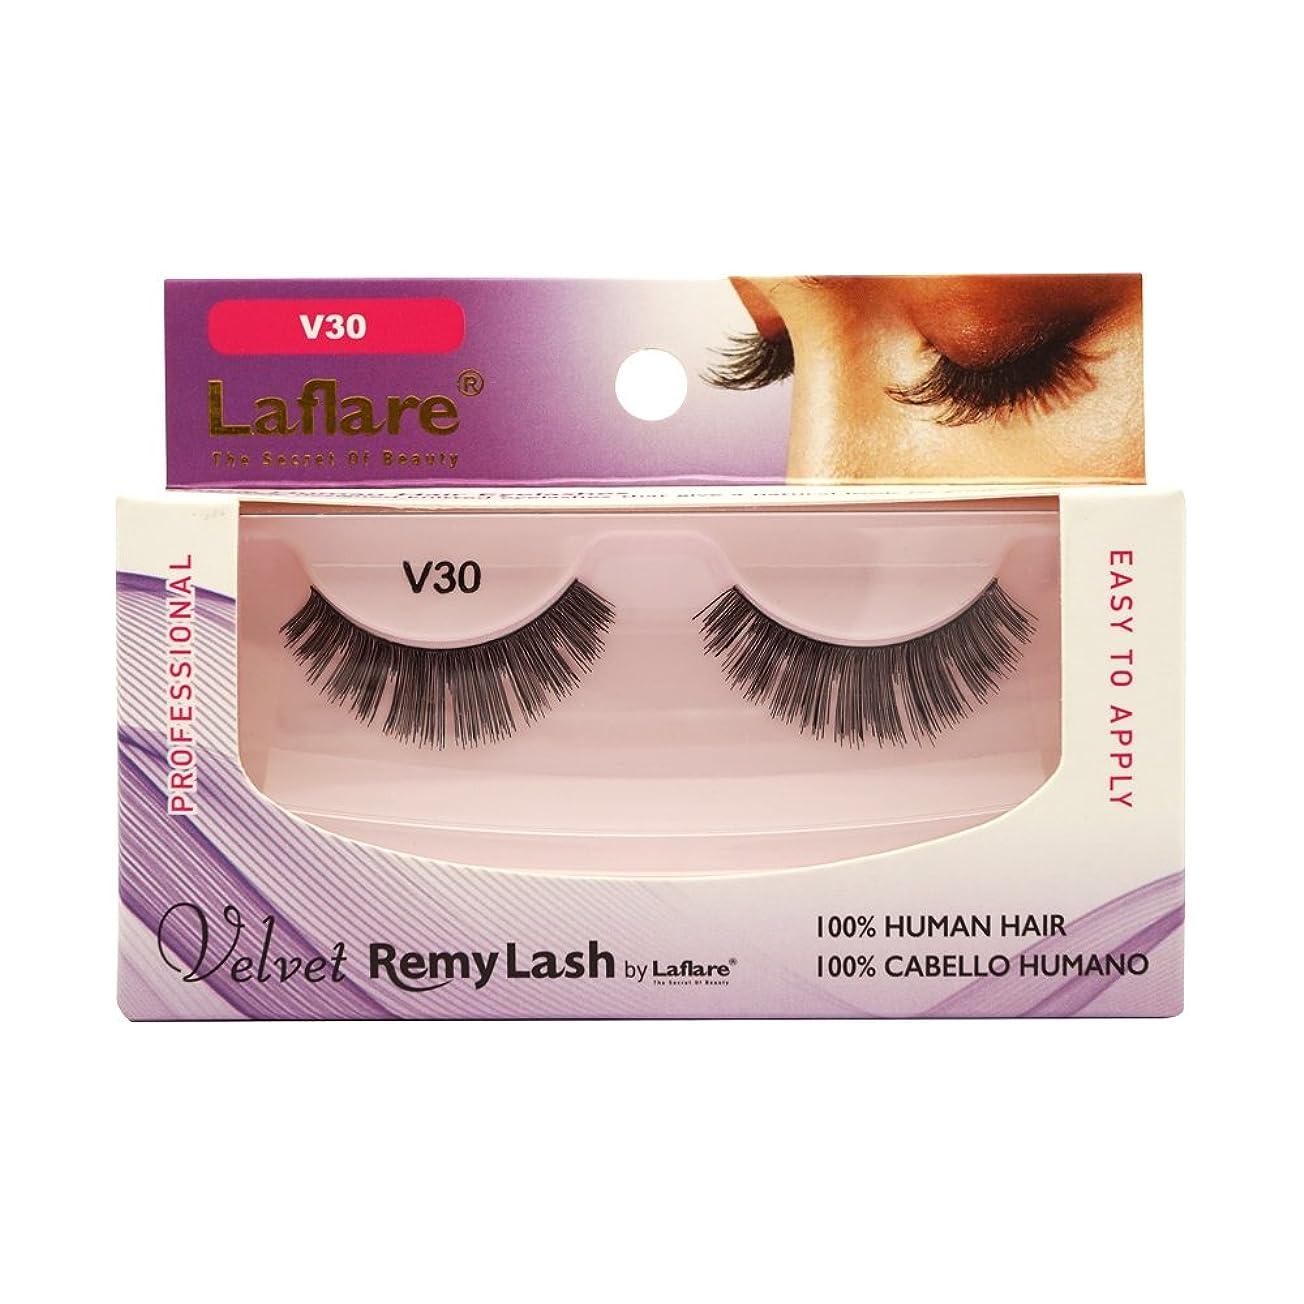 信頼性のある会う対称LAFLARE Velvet Remy Lash - V30 (並行輸入品)